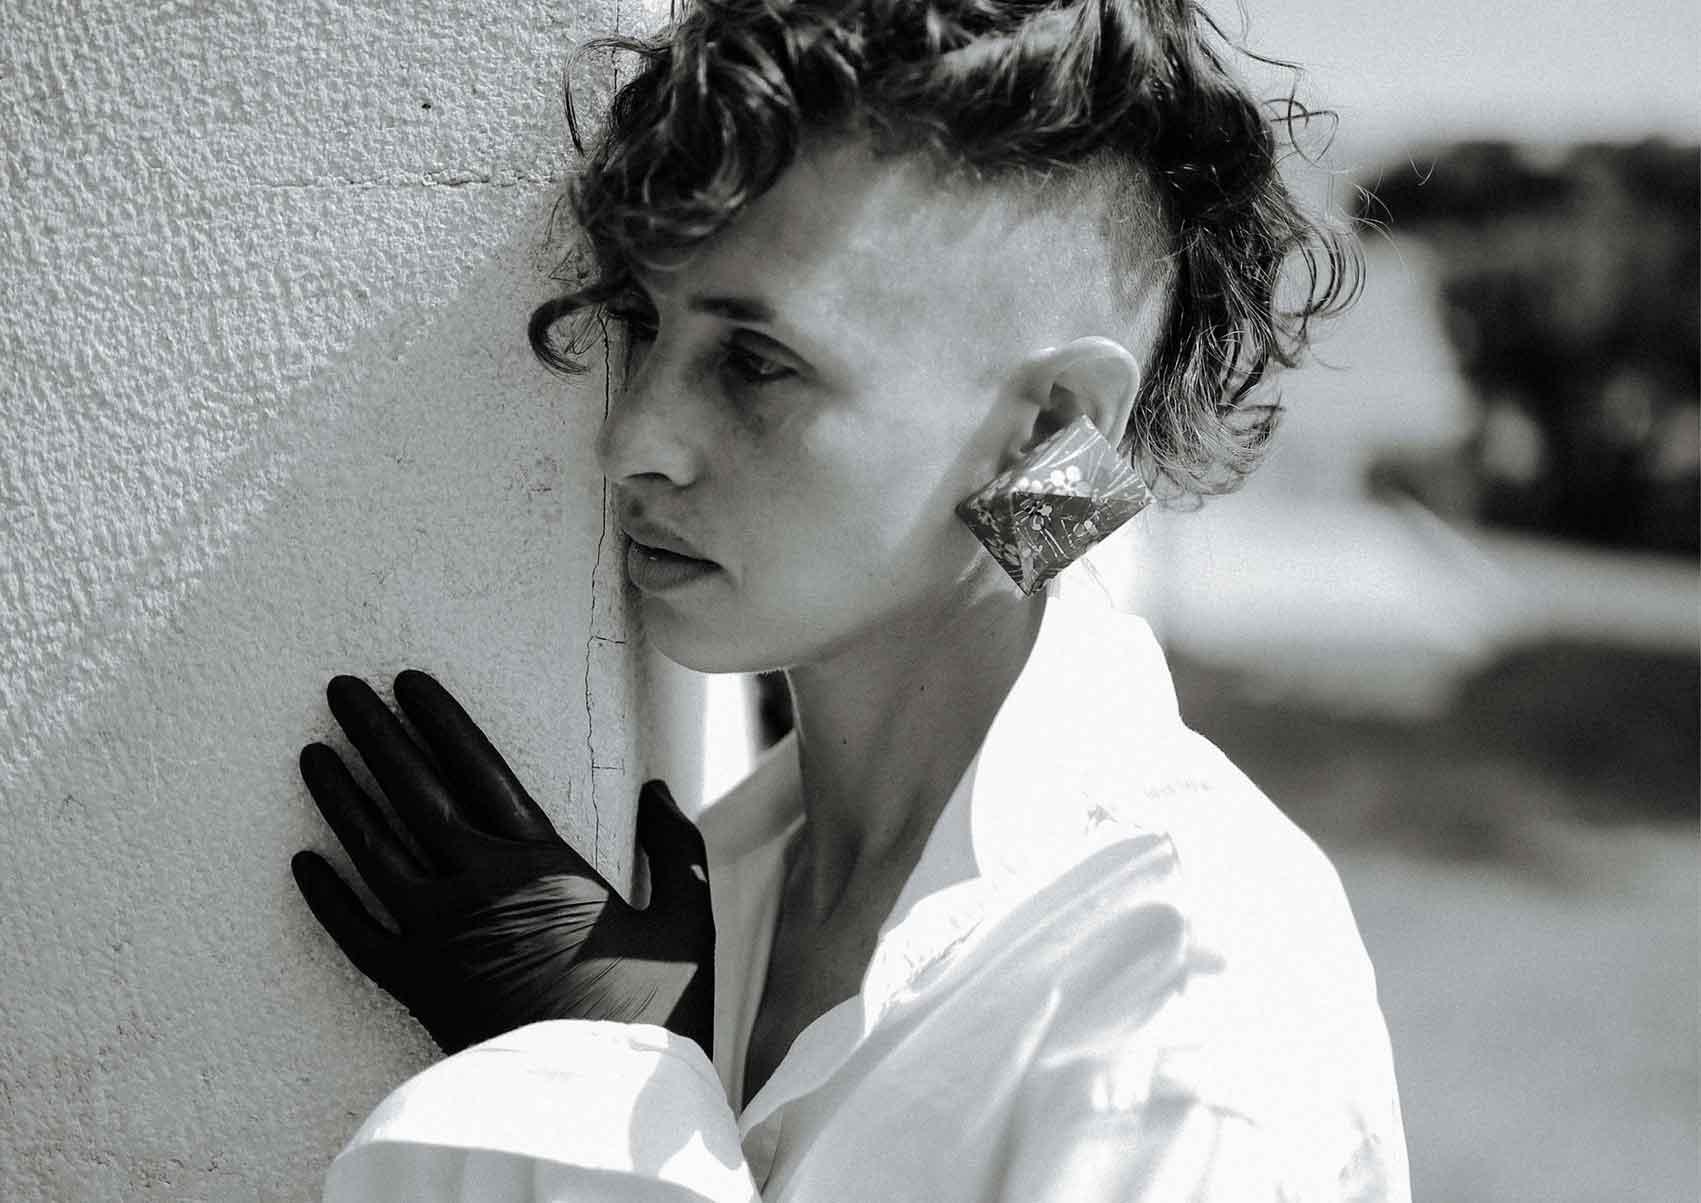 צילום-עיצוב-תכשיטים-הדר אלפסי-דוגמנית-רינה נקונצ'ני-Fashion Israel-מגזין-אופנה-ישראלי-הפקות-אופנה-13